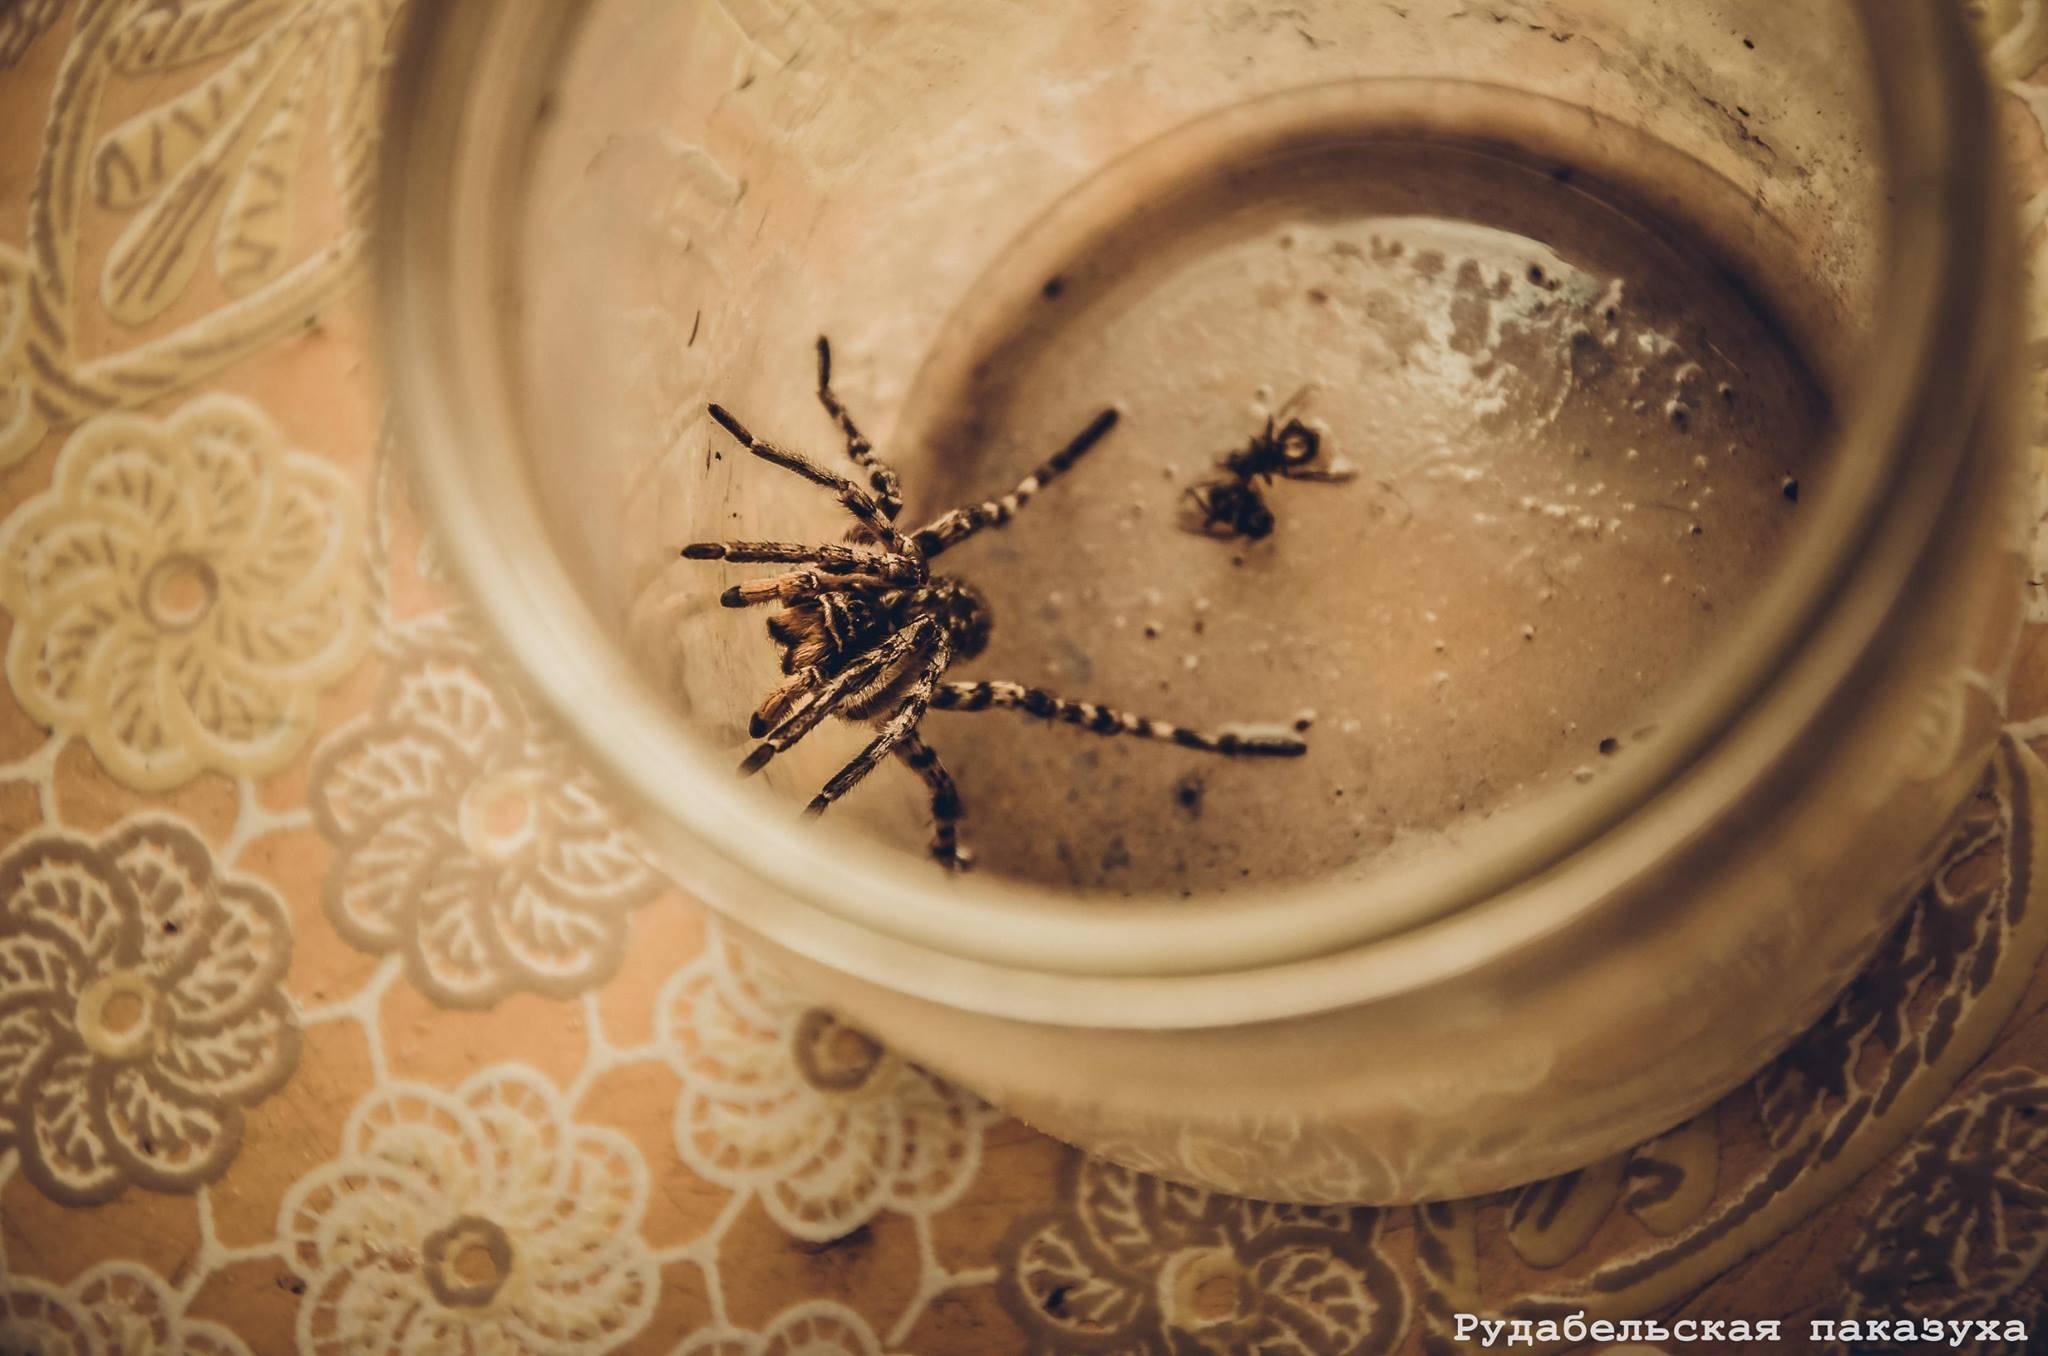 Где обитает паук тарантул. необыкновенный паук тарантул и многообразие его видов